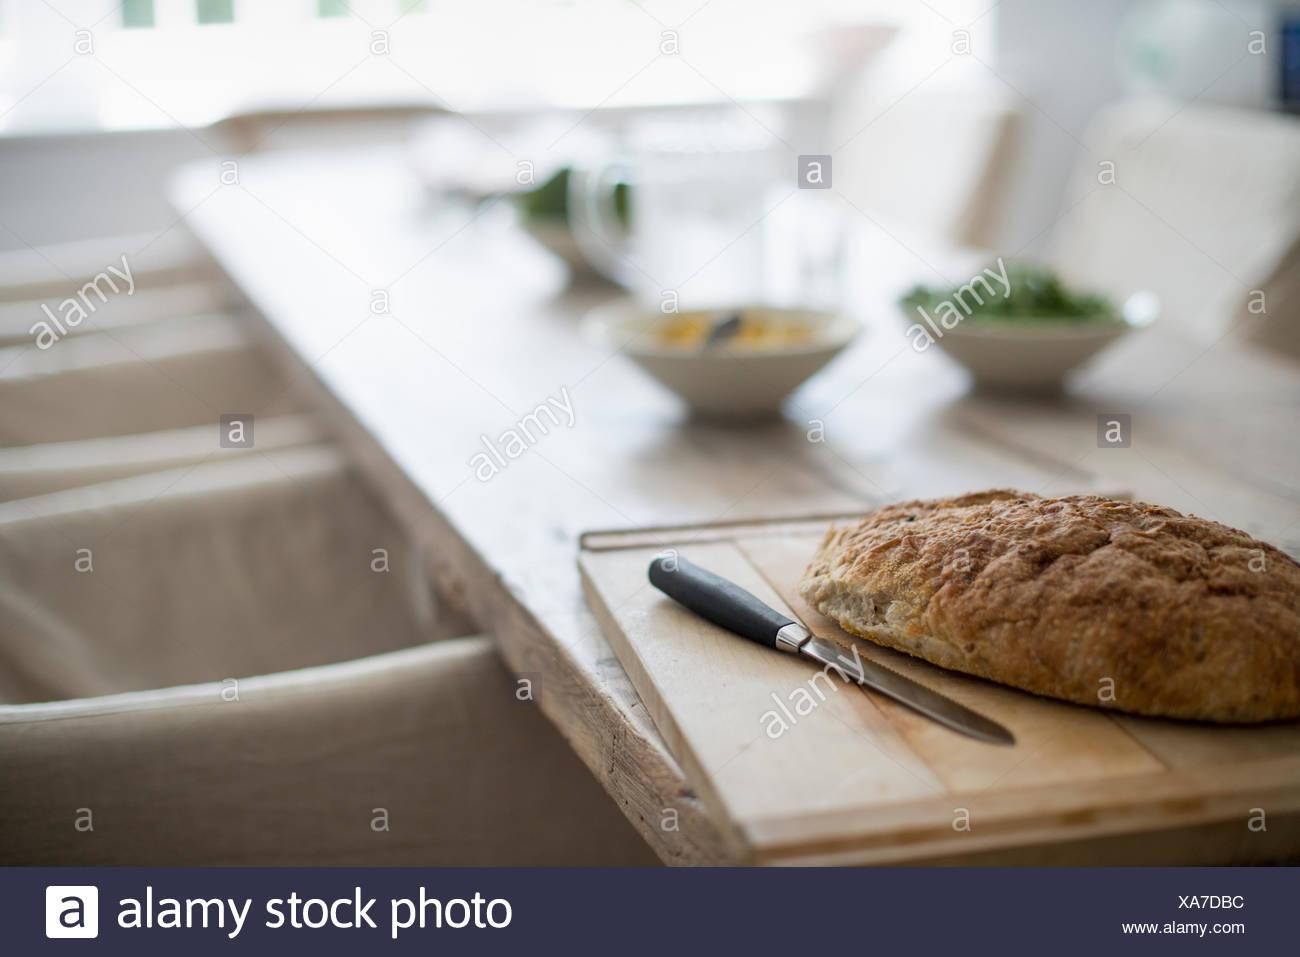 Ein Haus-Esszimmer. Essen auf dem Tisch. Gebackenes Brot. Stockbild